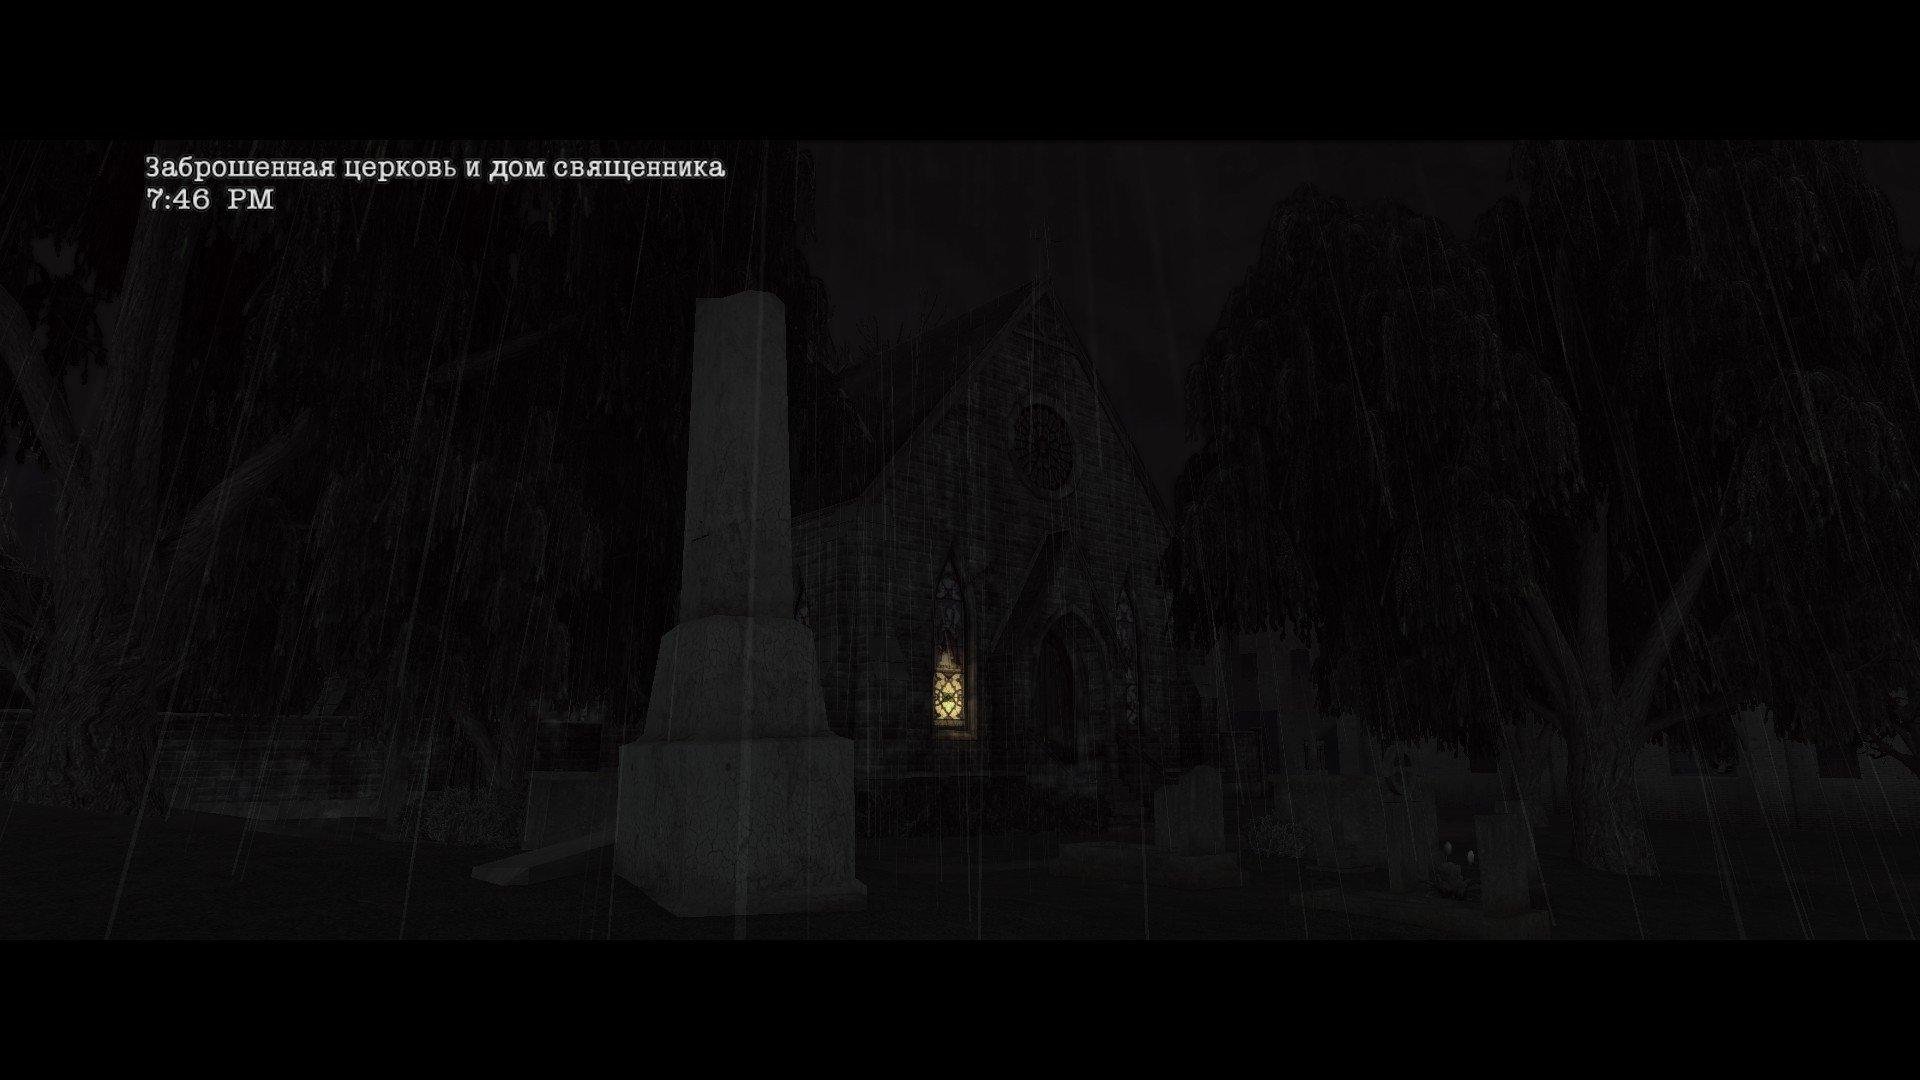 Пост-прохождение L.A. Noire Часть 13 - Изображение 48